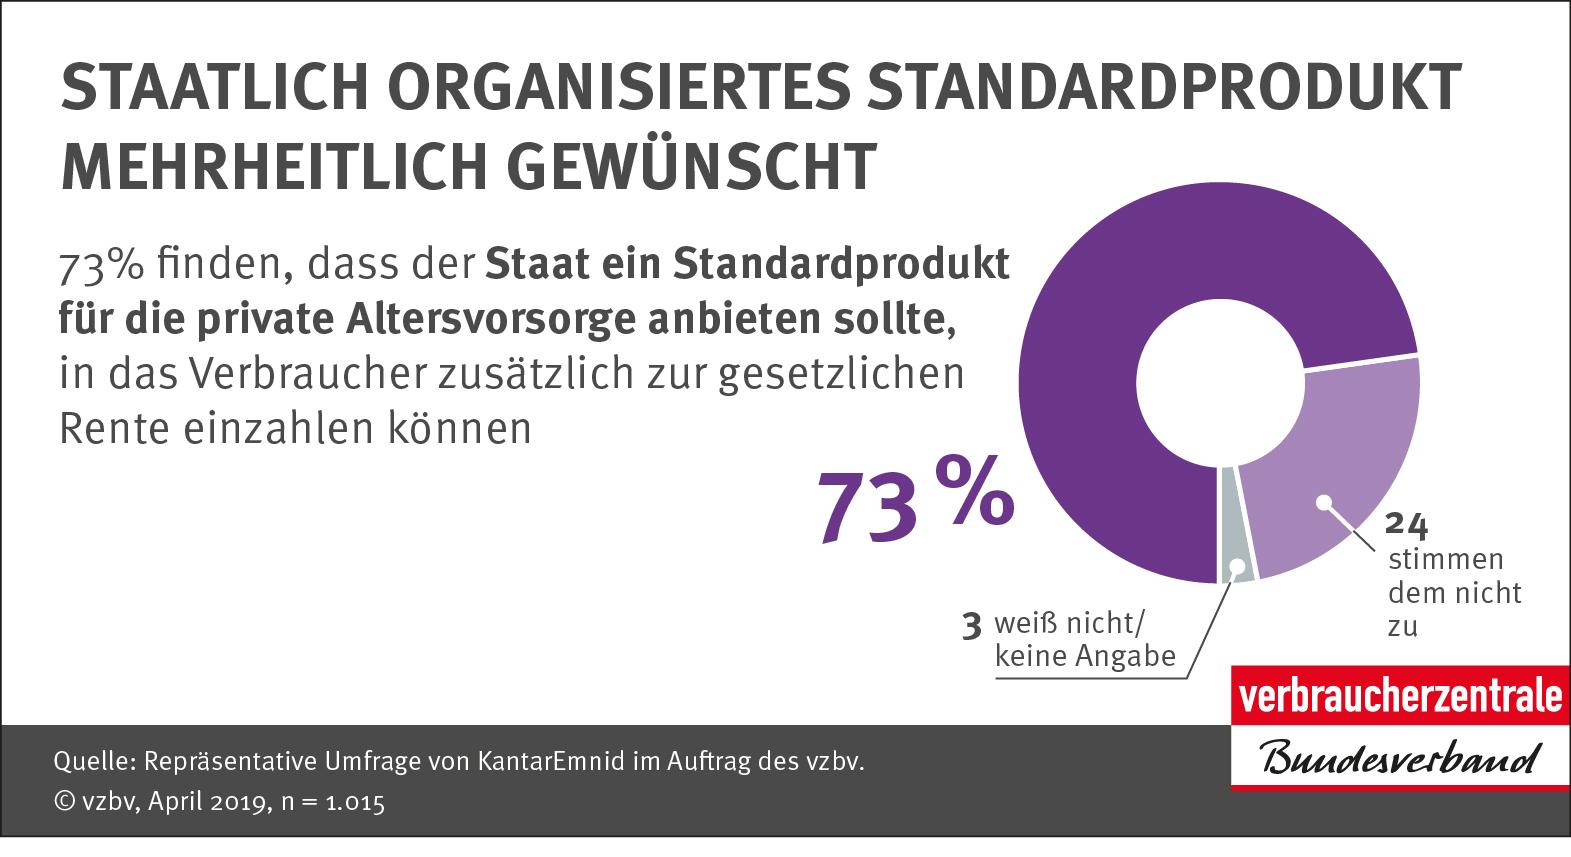 Infografik: Staatlich organisiertes Standardprodukt mehrheitlich gewünscht_Verbraucherzentrale Bundesverband e.V.